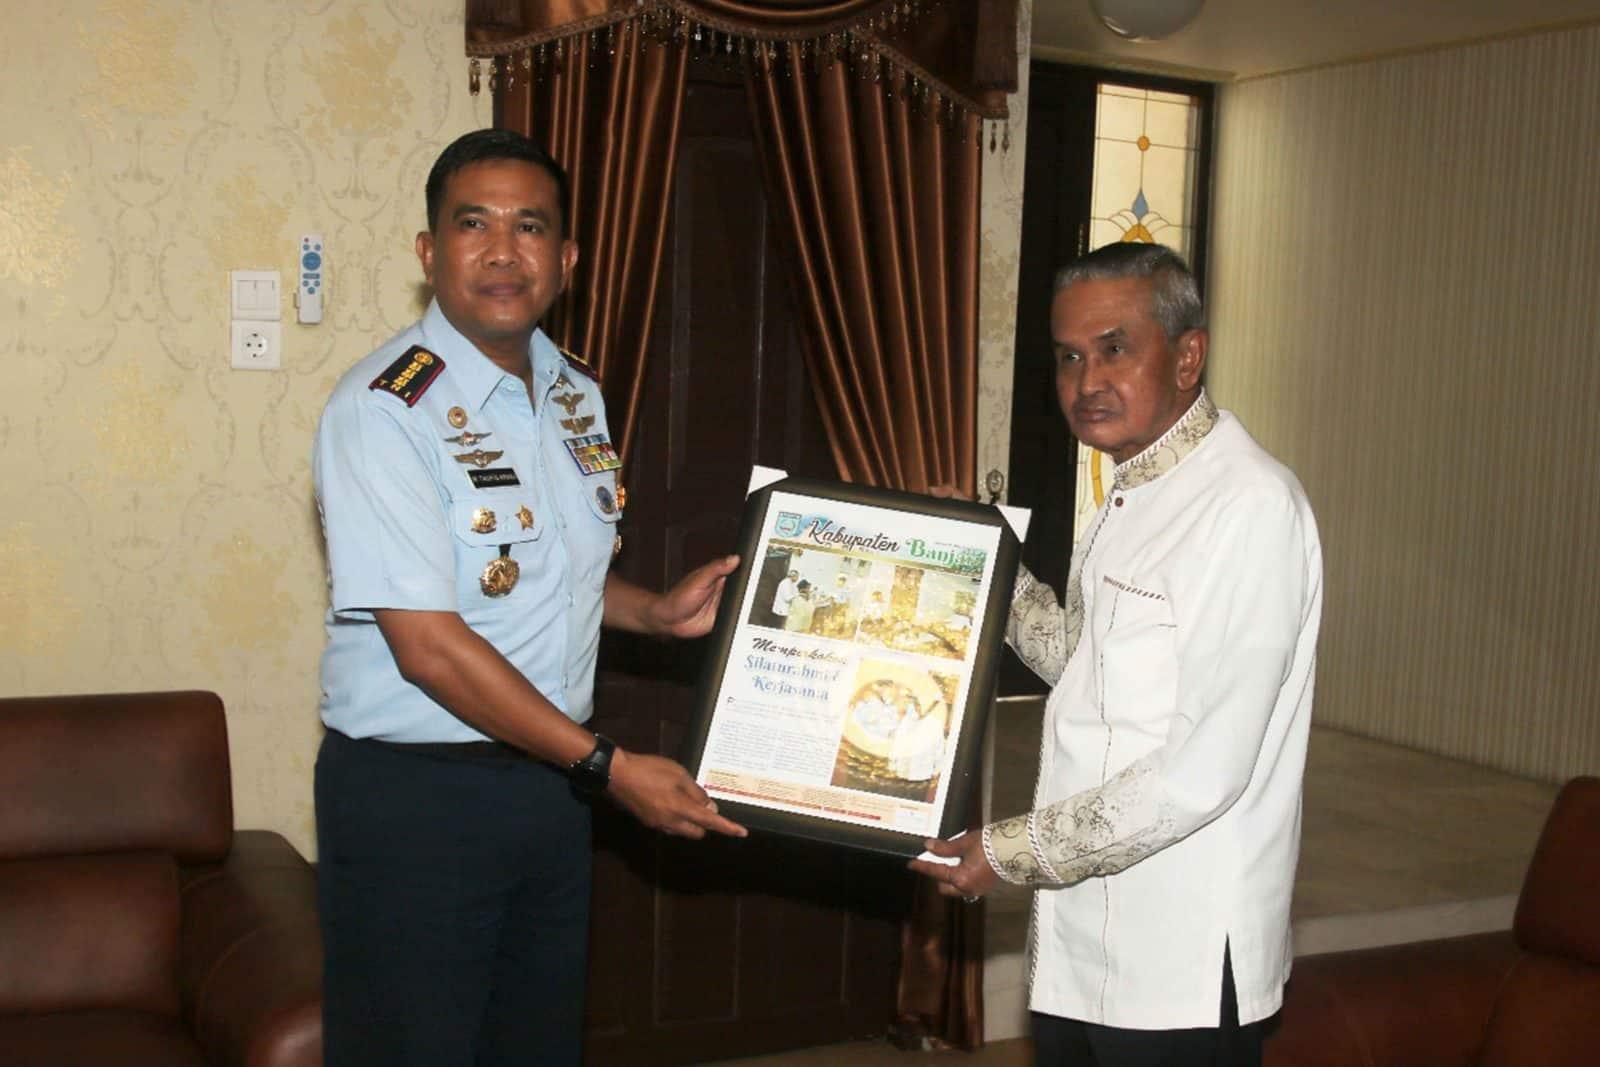 Eratkan Silaturahmi Komandan Lanud Sjamsudin Noor Kunjungi Bupati Banjar